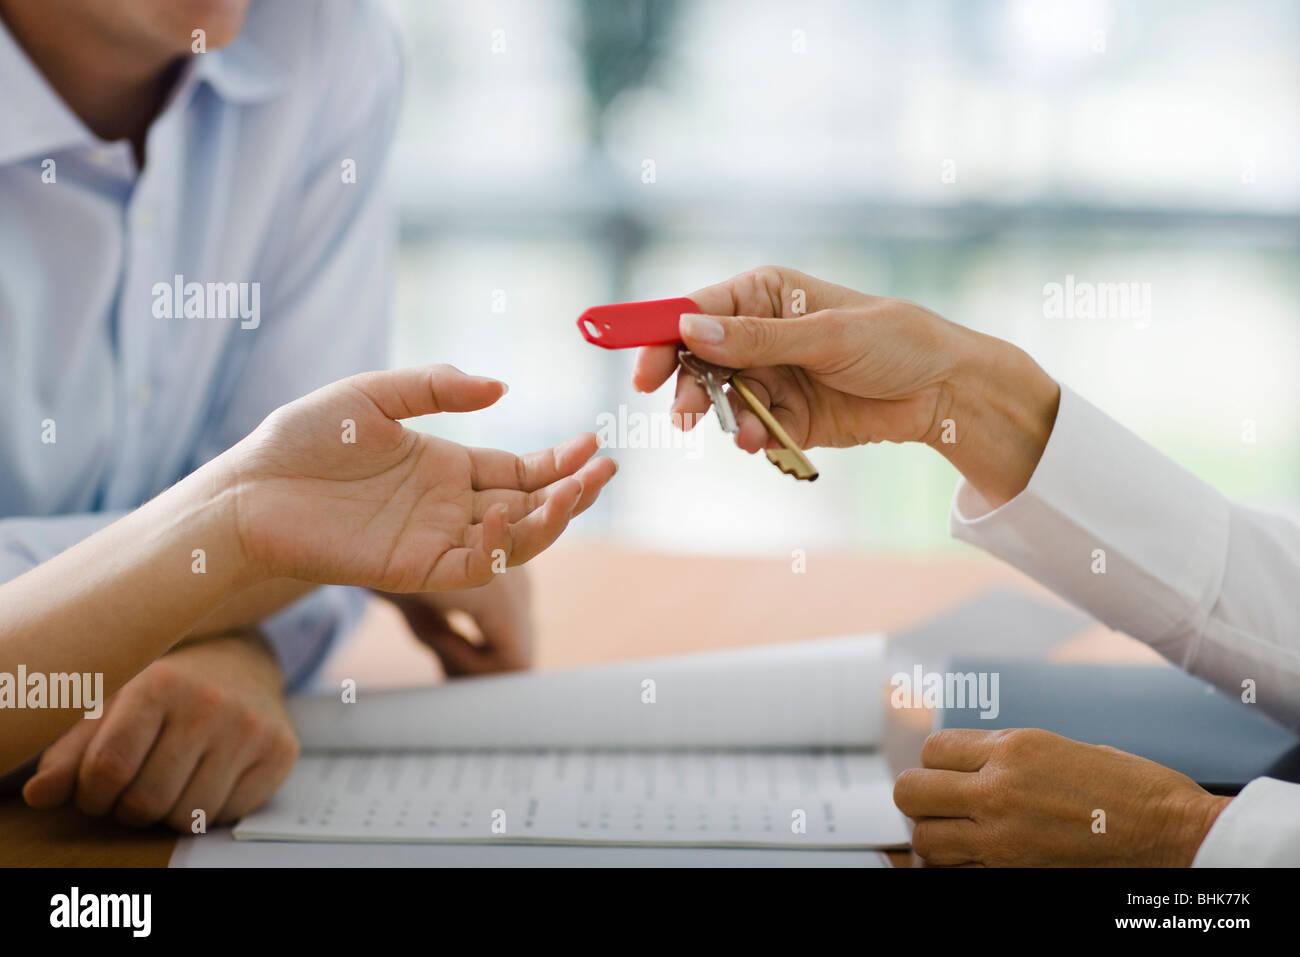 Recepcionista de hotel entrega la llave de la habitación para los huéspedes Foto de stock